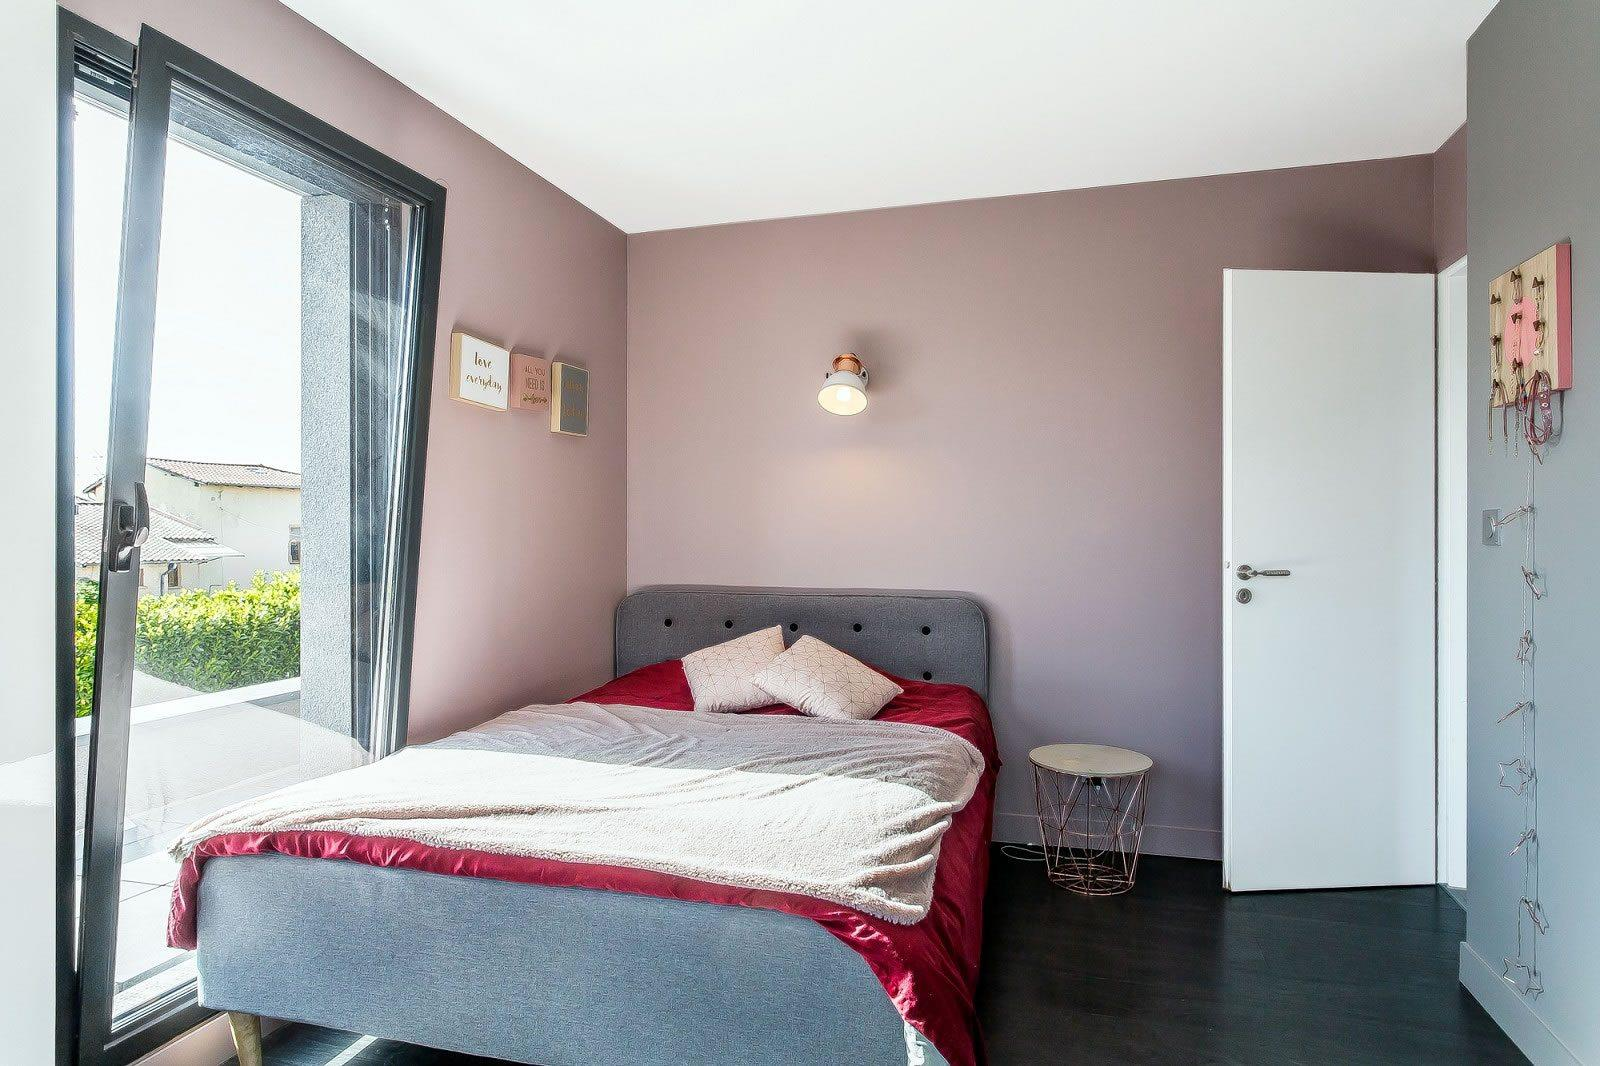 maison-contemporaine-piscine-a-vendre-a-neuville-sur-saone-jardin-arbore-garage-double